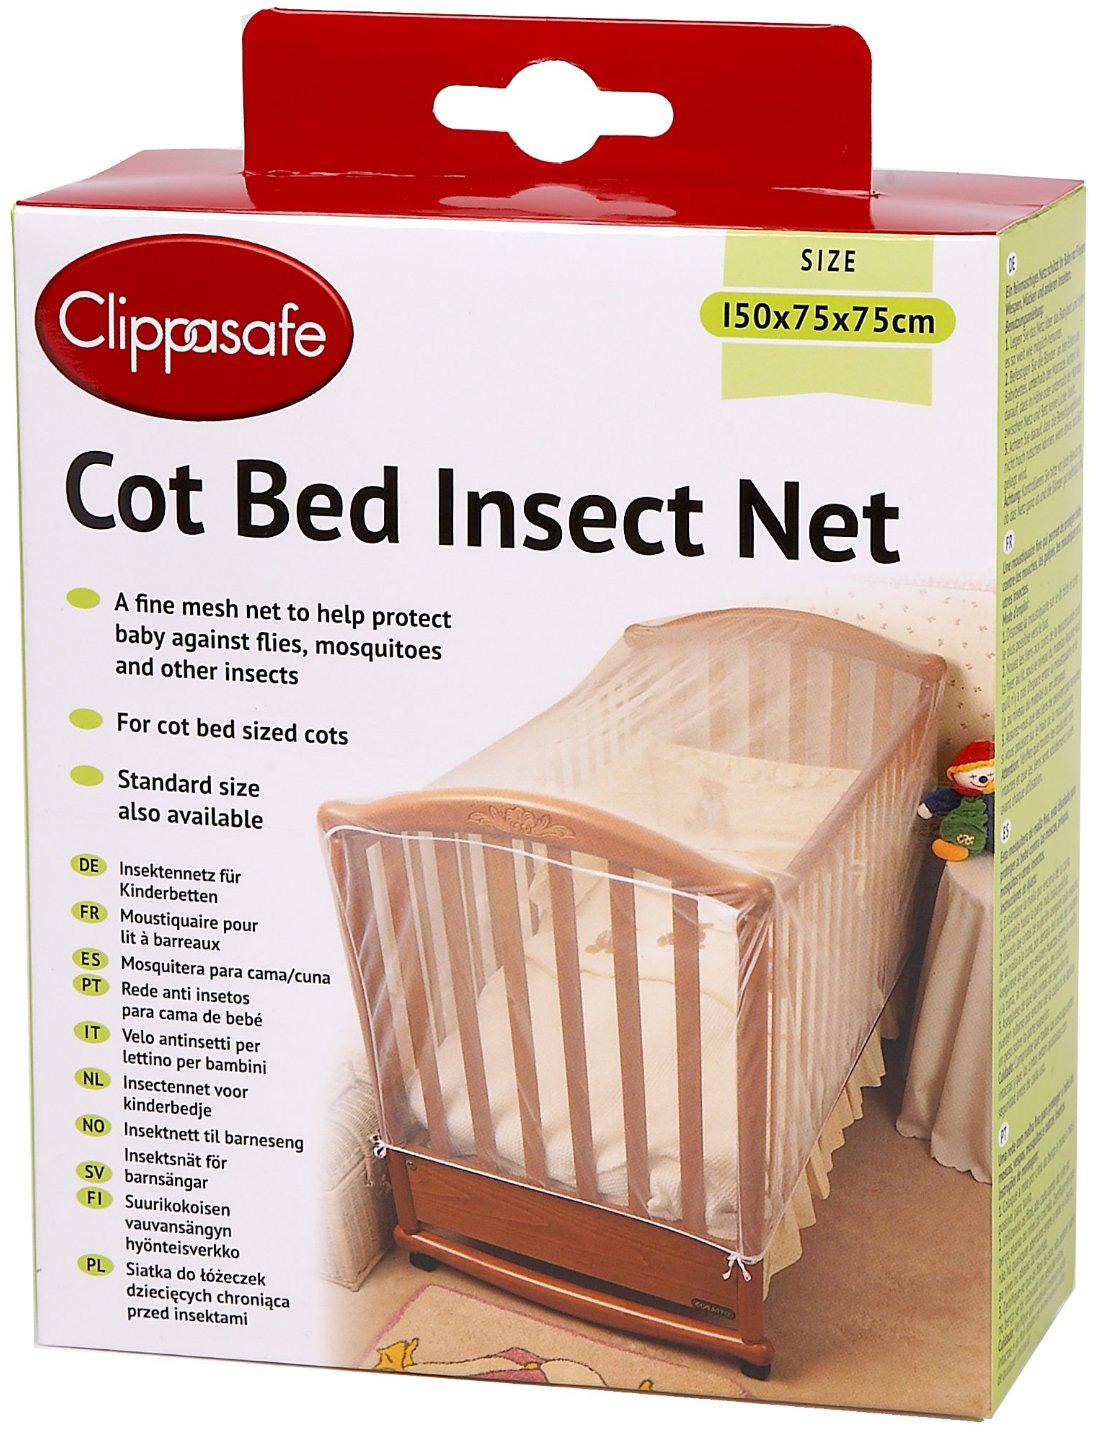 clippasafe kinderbett moskitonetz baby schutz sicherheit schlafzubeh r neu ebay. Black Bedroom Furniture Sets. Home Design Ideas